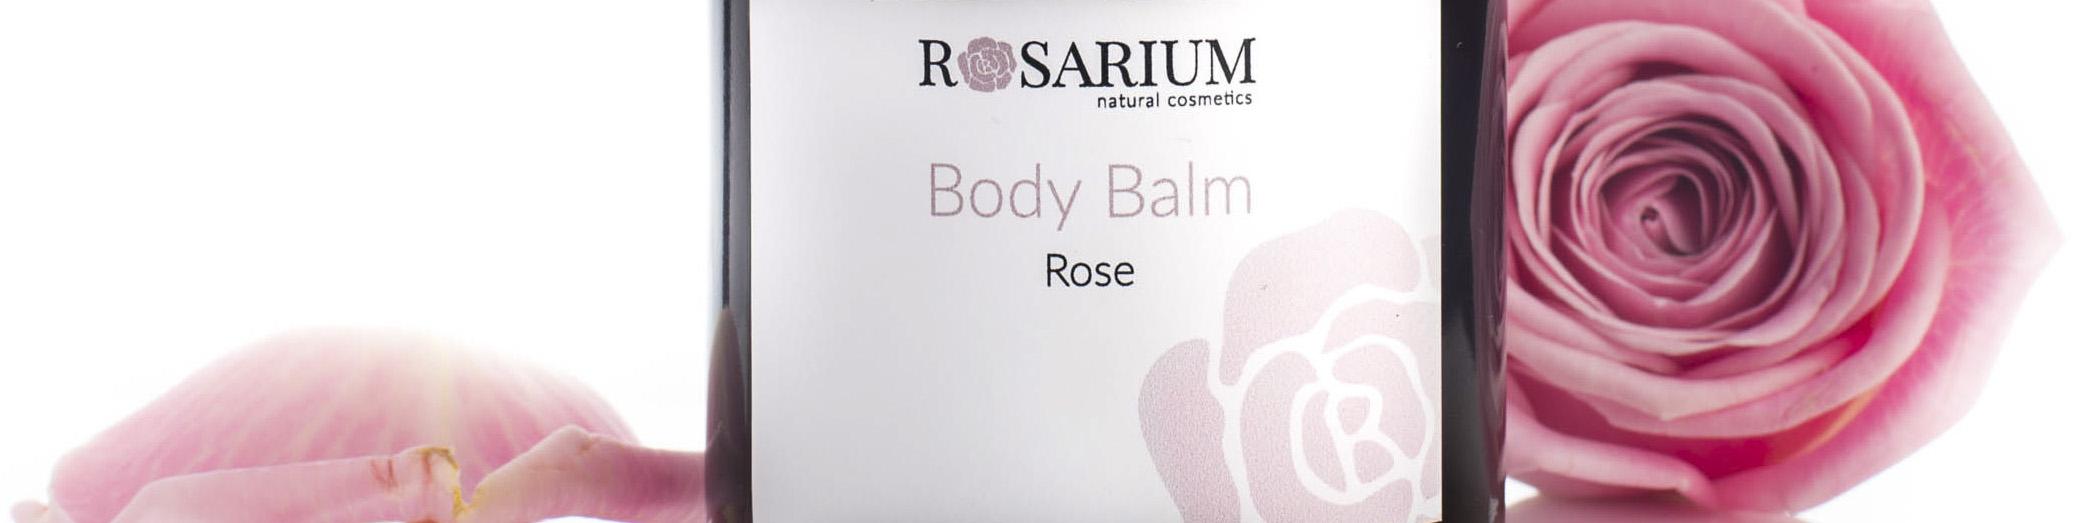 ROSARIUM cosmetics